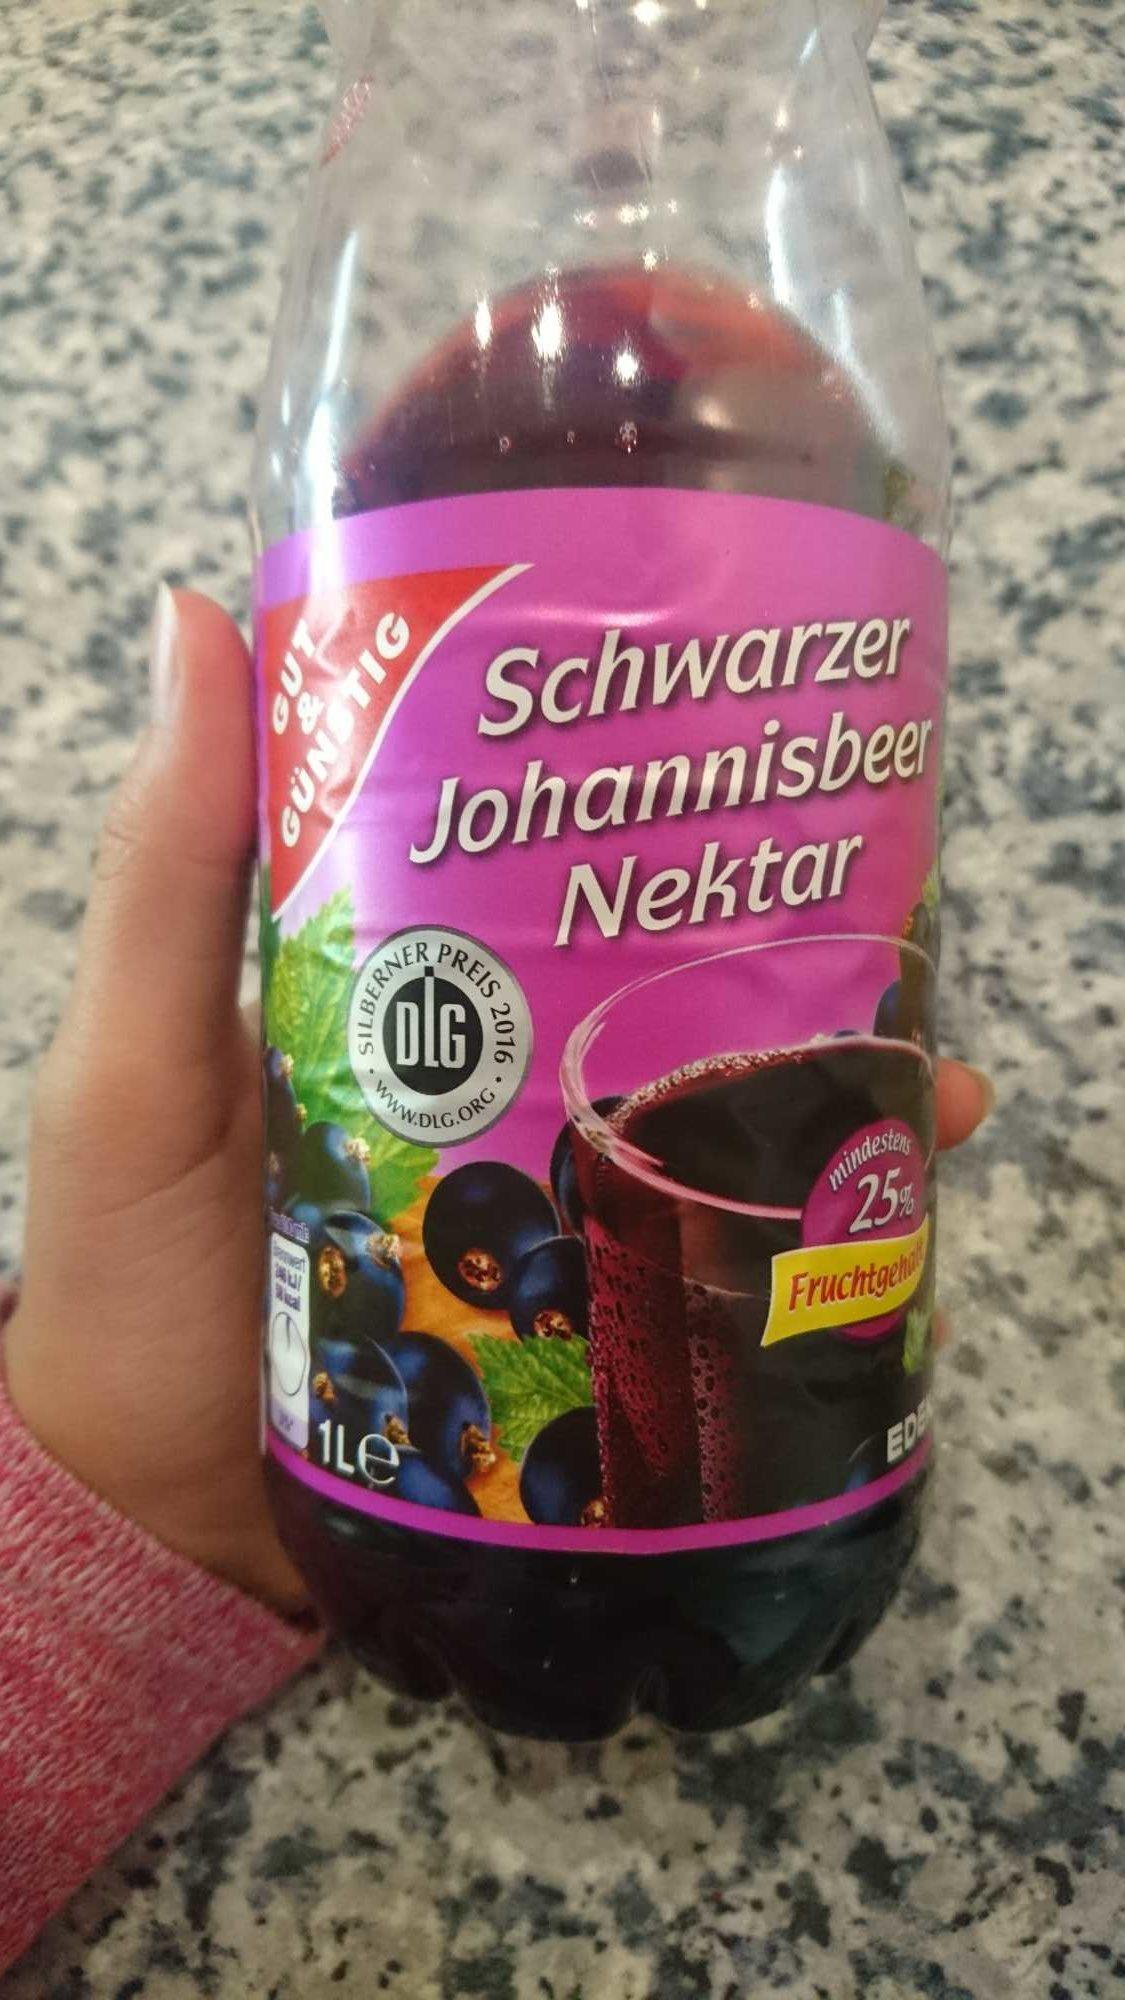 Schwarzer johannisbeer nektar - Product - de